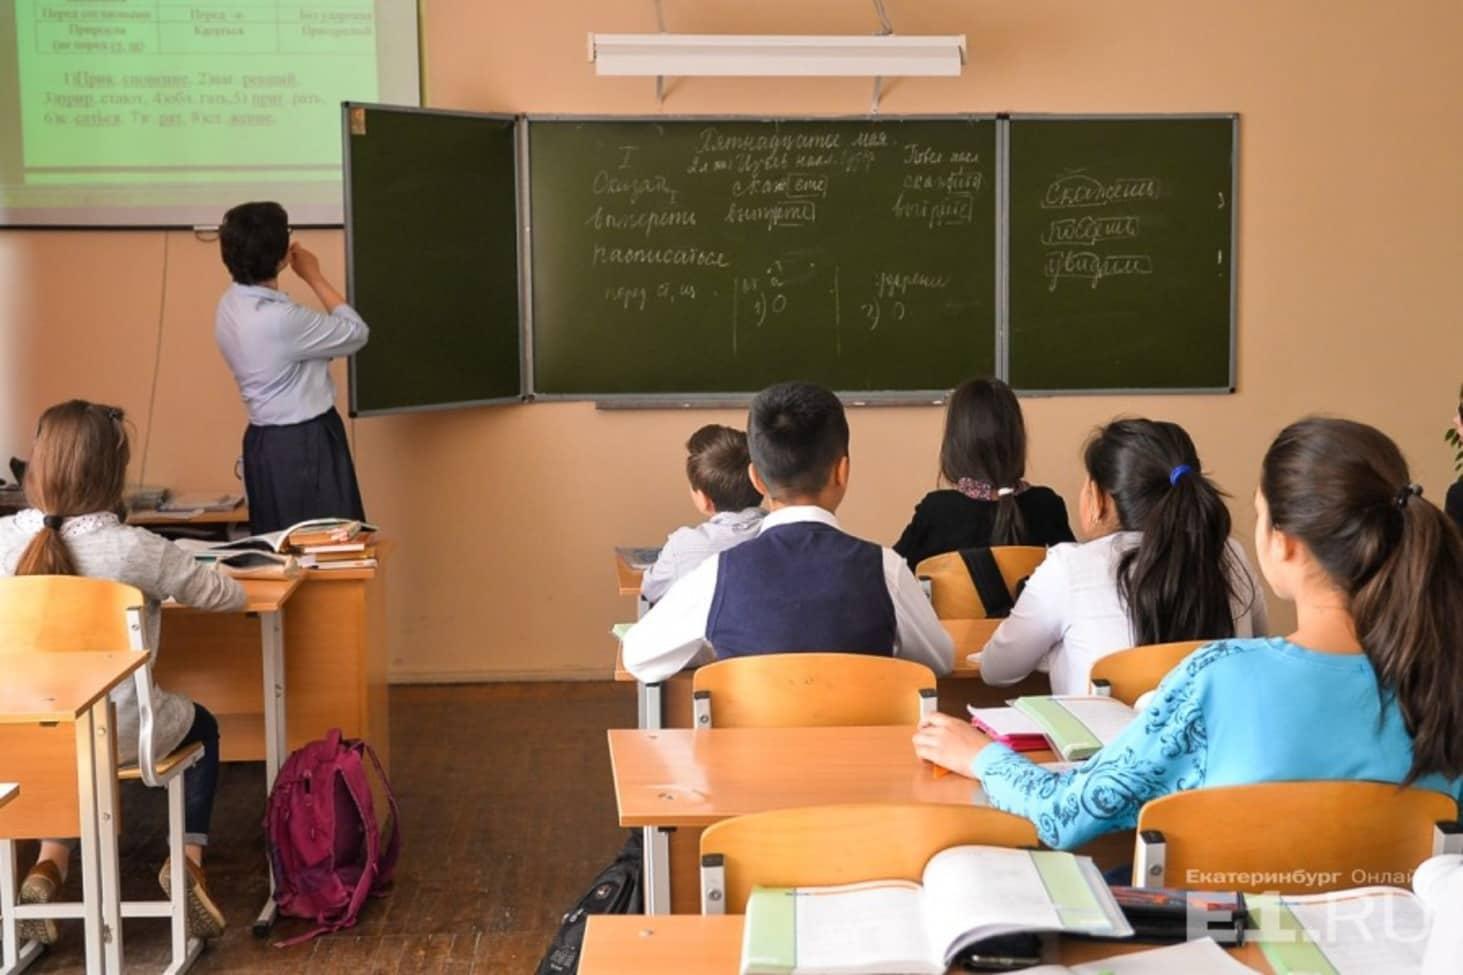 nazvany-goroda-s-samym-nizkim-i-samym-vysokim-urovnyami-shkolnogo-obrazovaniya